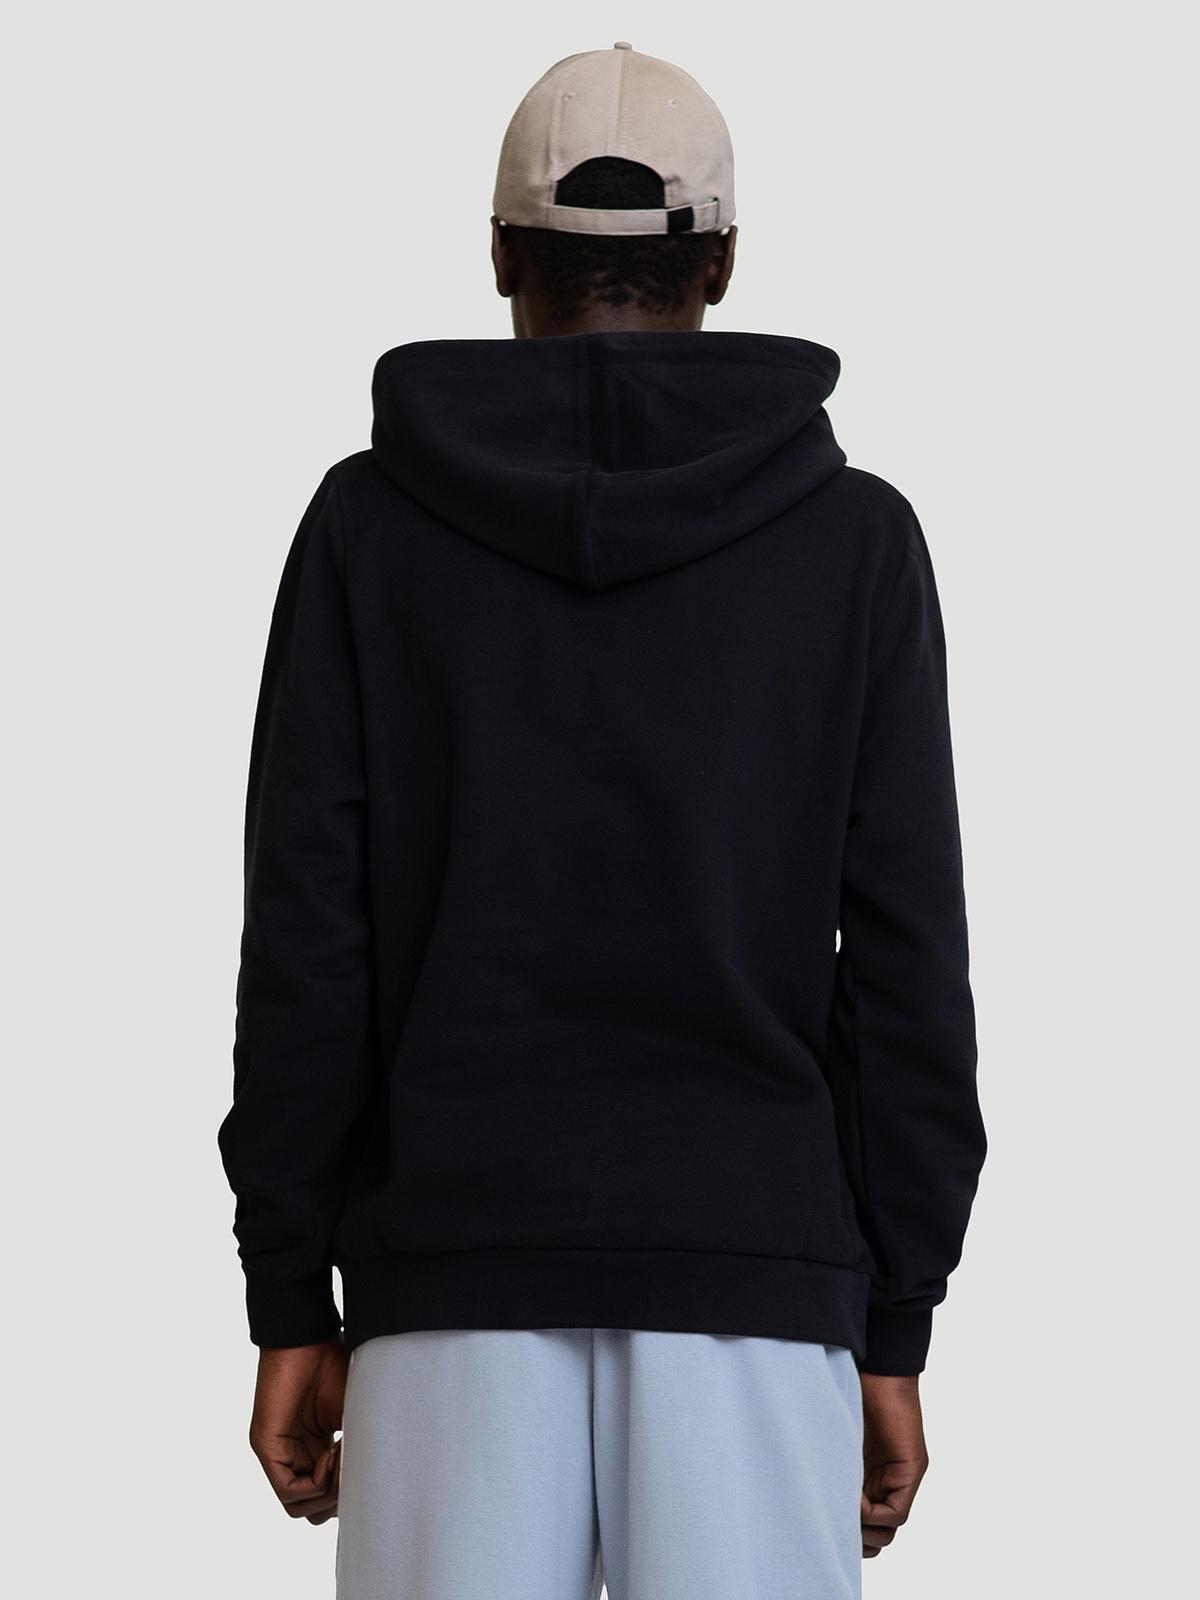 M. Oslo Hoodie Black 4